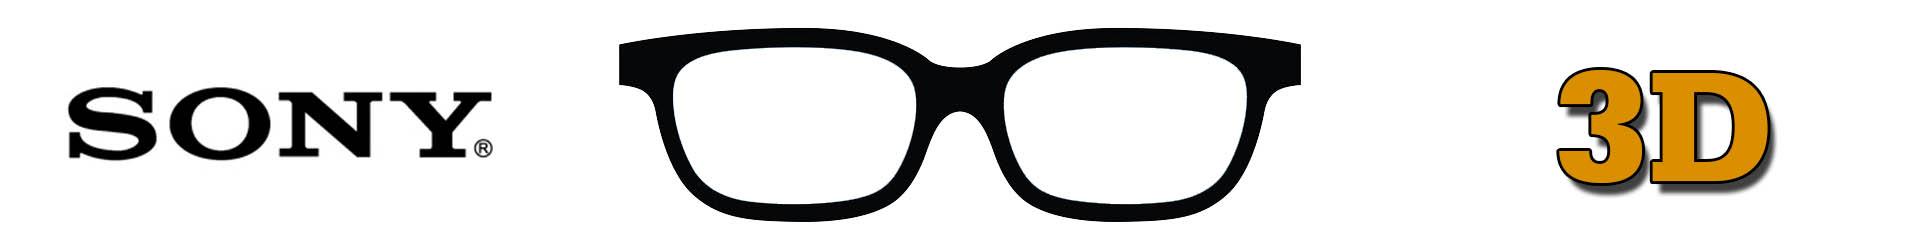 occhiai 3D